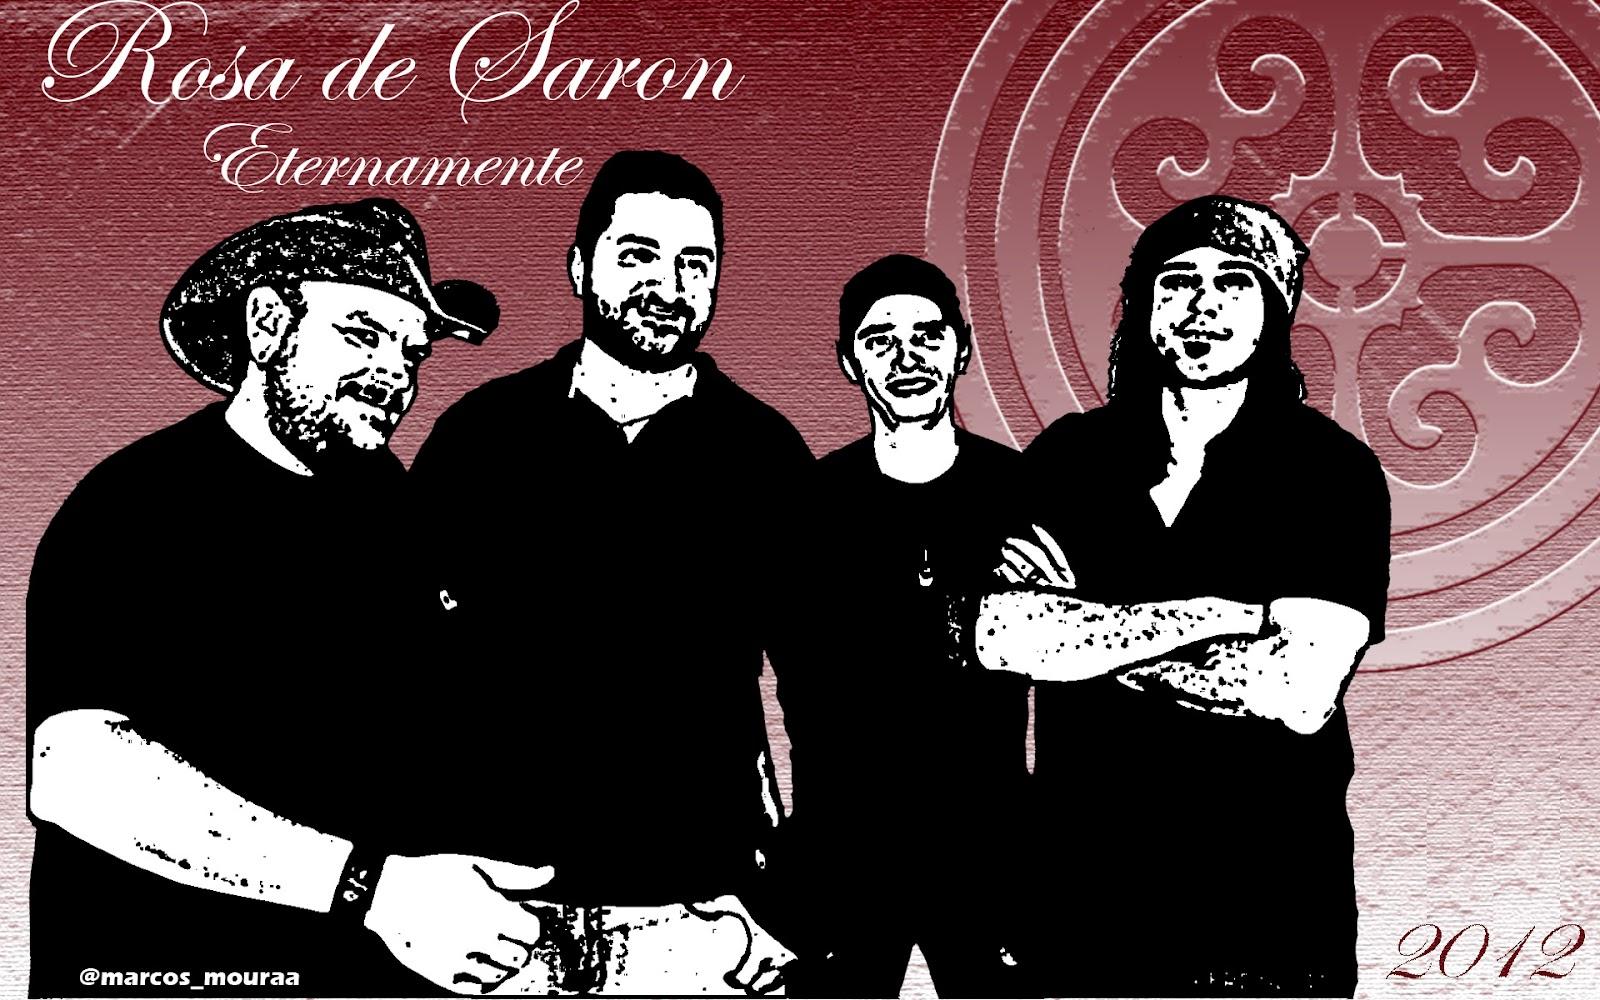 jardim rosas de saron:Rosa De Saron Eternamente Papel De Parede Rosa De Saron Eternamente